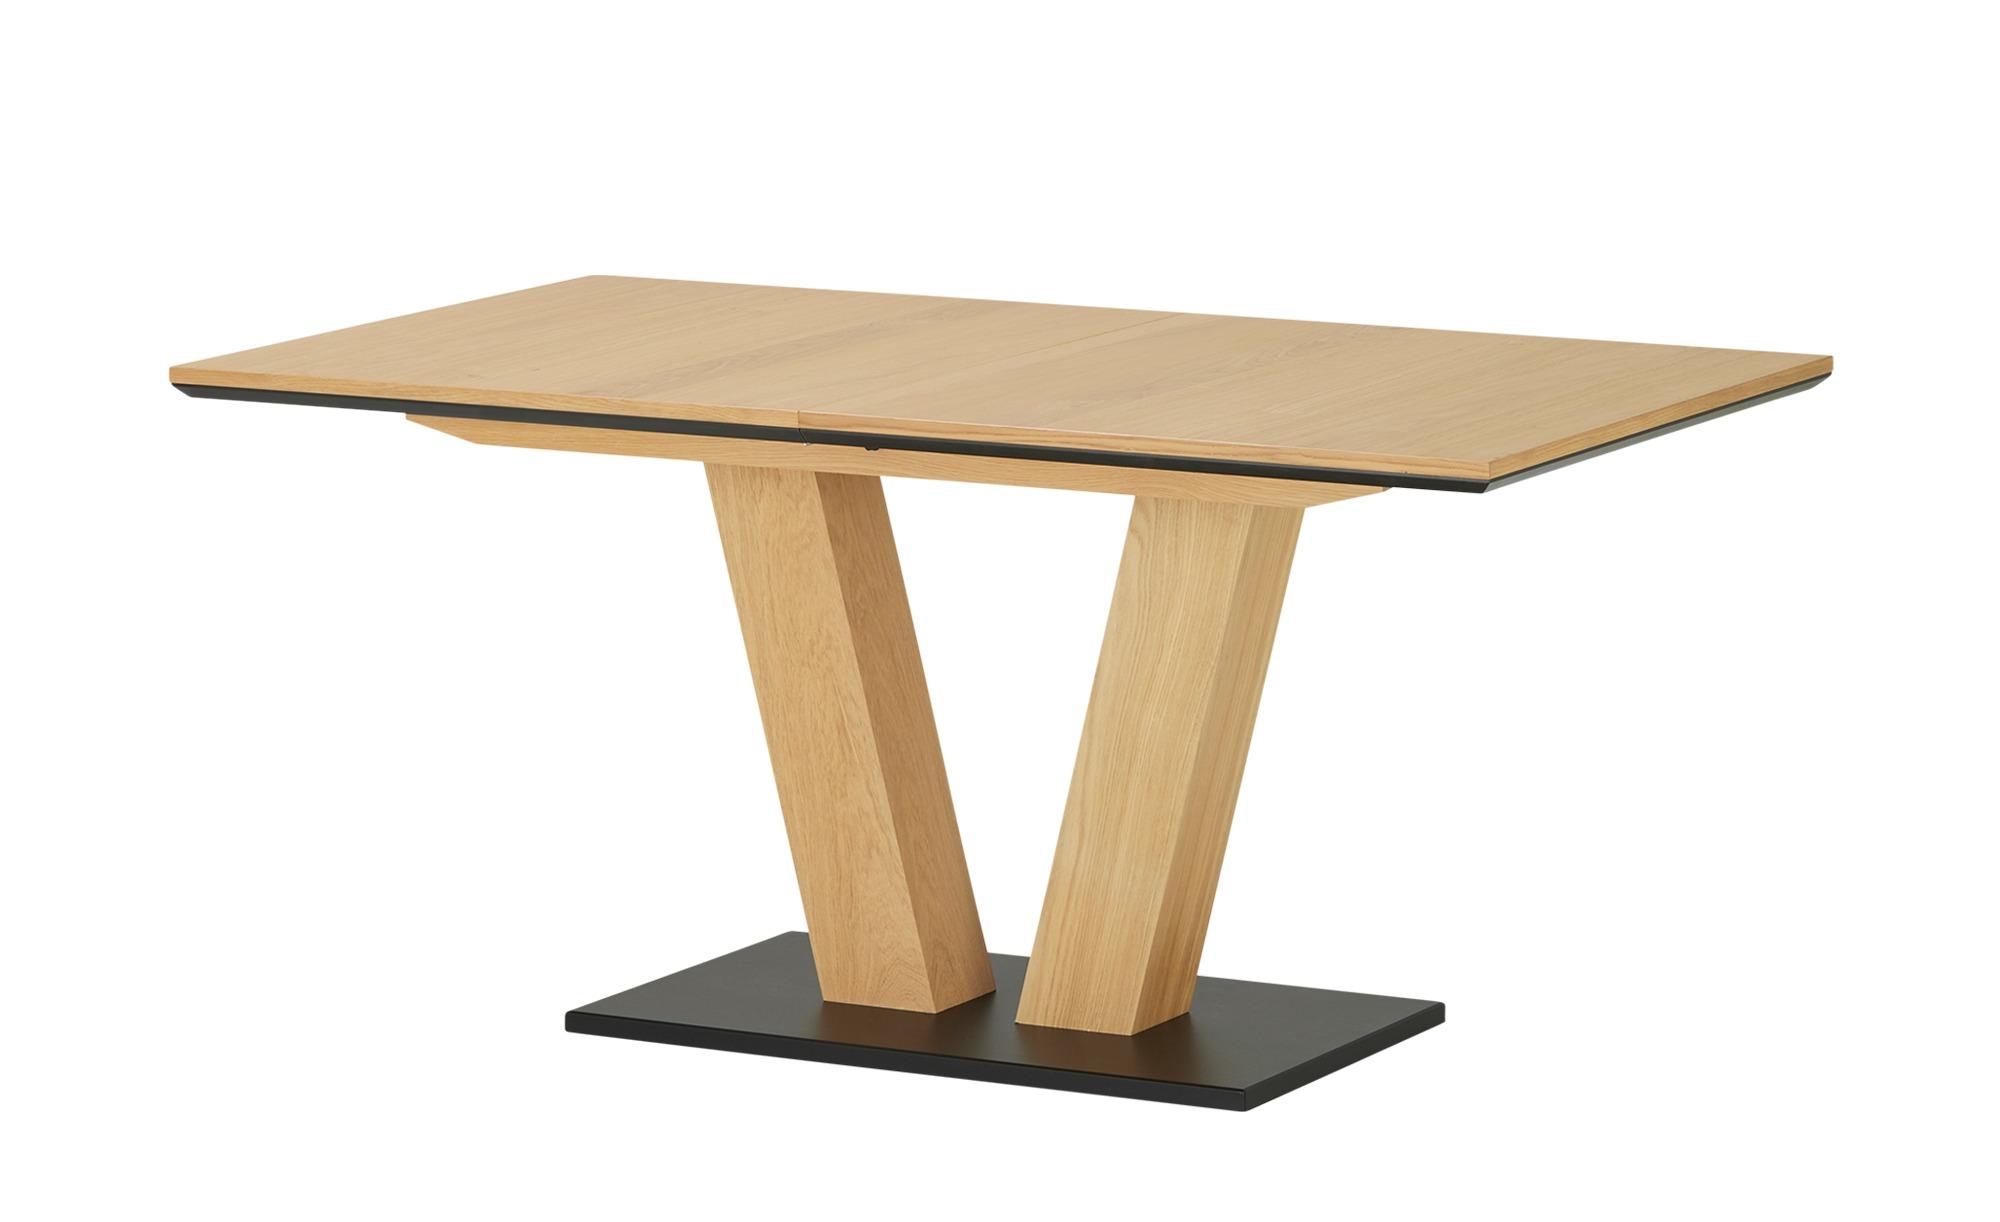 Esstisch ausziehbar  1593 ¦ holzfarben ¦ Maße (cm): B: 90 H: 76 Tische > Esstische > Esstische ausziehbar - Höffner